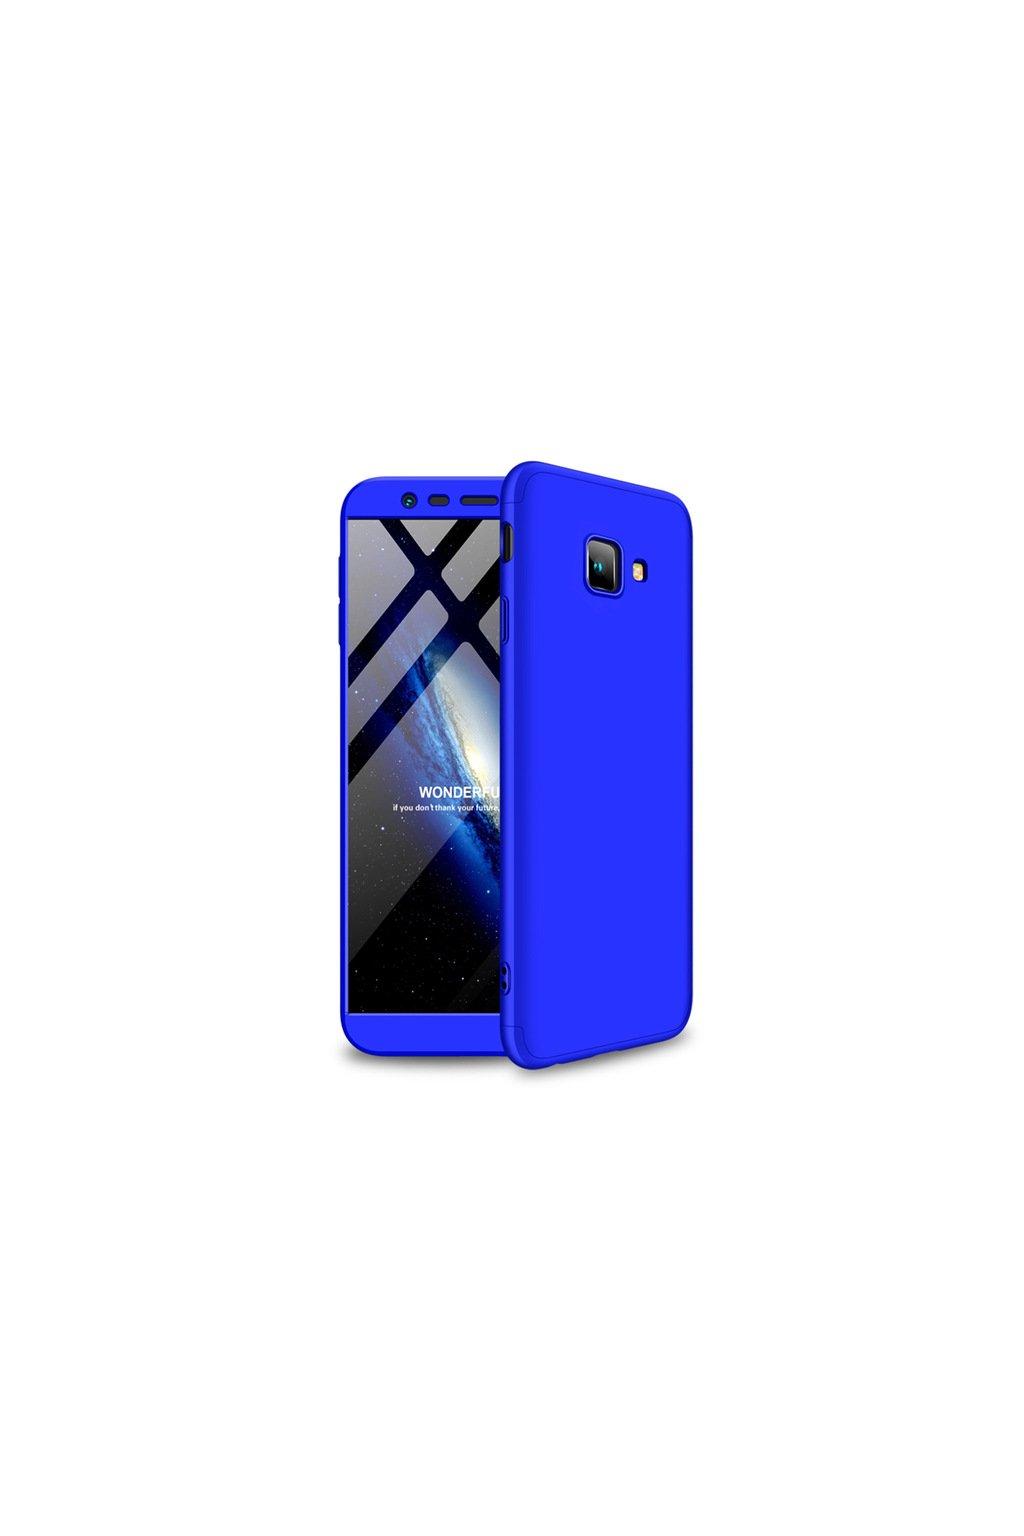 Vpower Case For Samsung Galaxy J4 Plus Case 360 Full Protection Shockproof For Samsung Galaxy J4.jpg 640x640 (1)